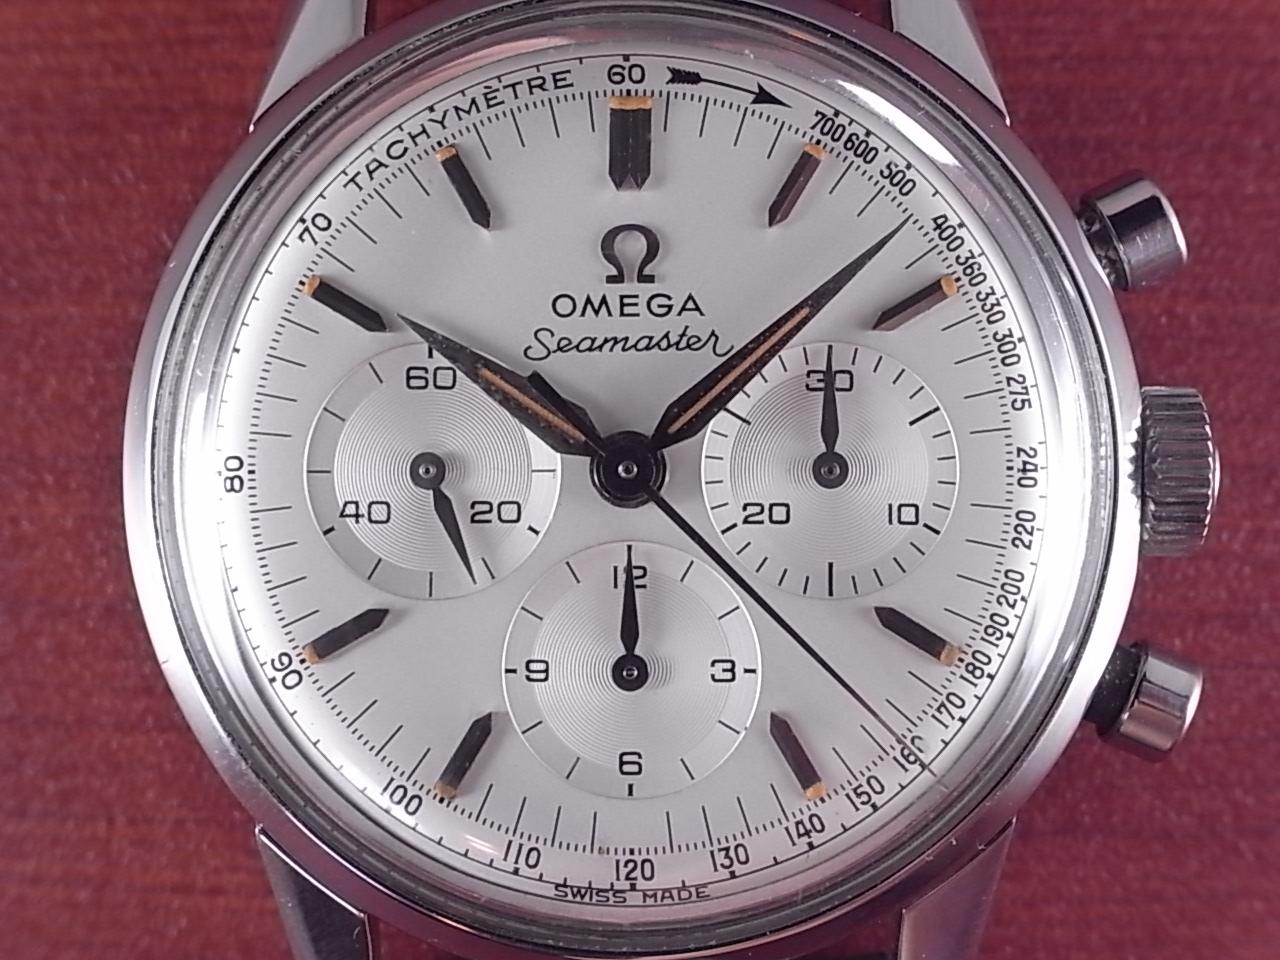 オメガ シーマスター クロノグラフ キャリバー321 1960年代の写真2枚目